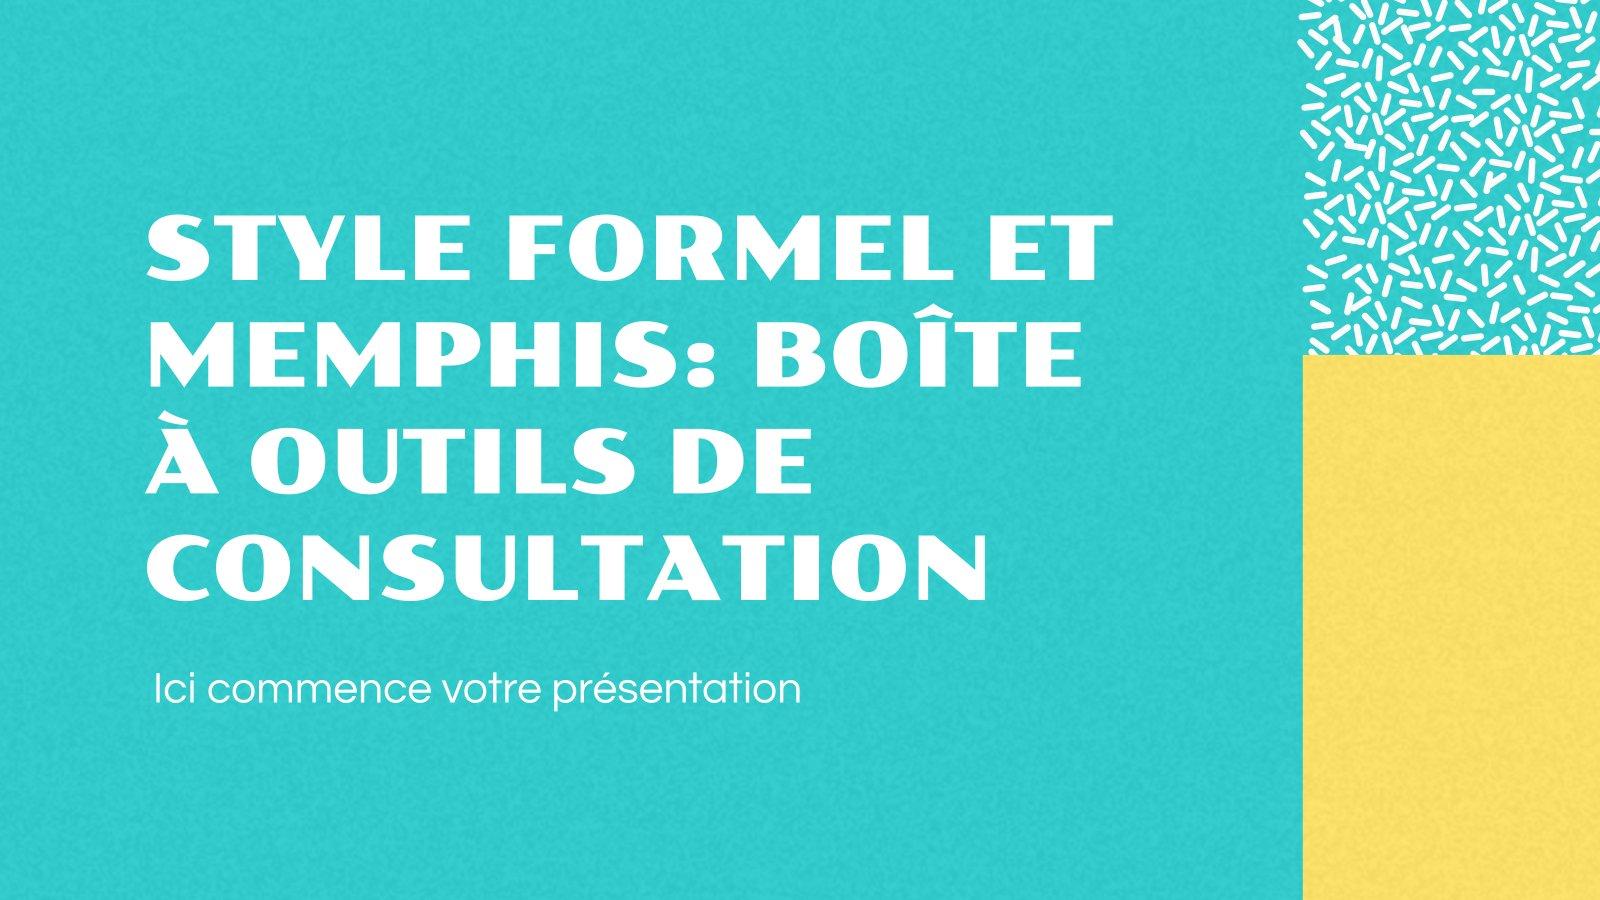 Style formel et Memphis: boîte à outils de consultation Präsentationsvorlage